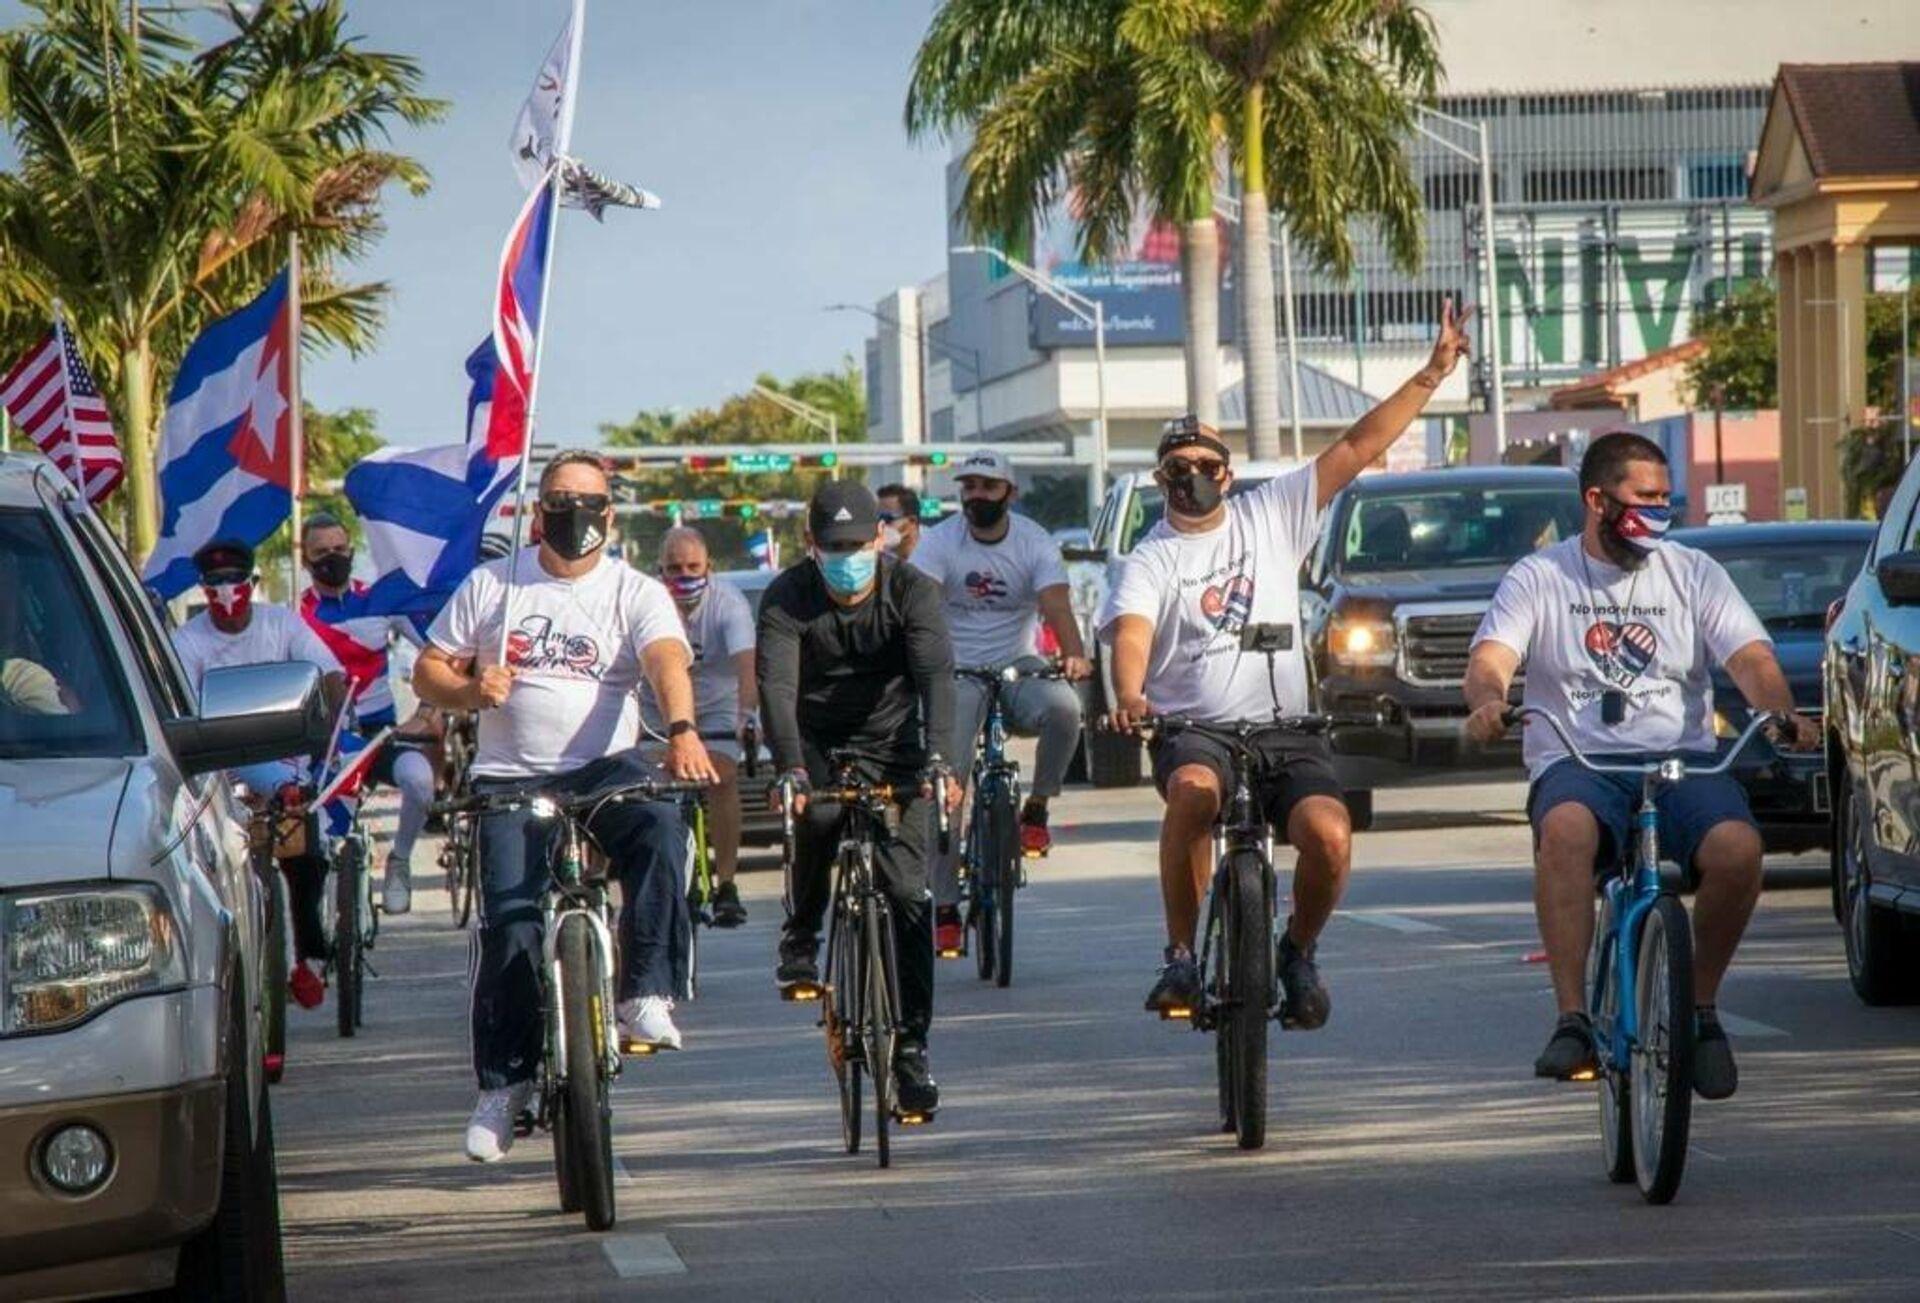 Bicicleteada contra el bloqueo de EEUU a Cuba - Sputnik Mundo, 1920, 13.09.2021